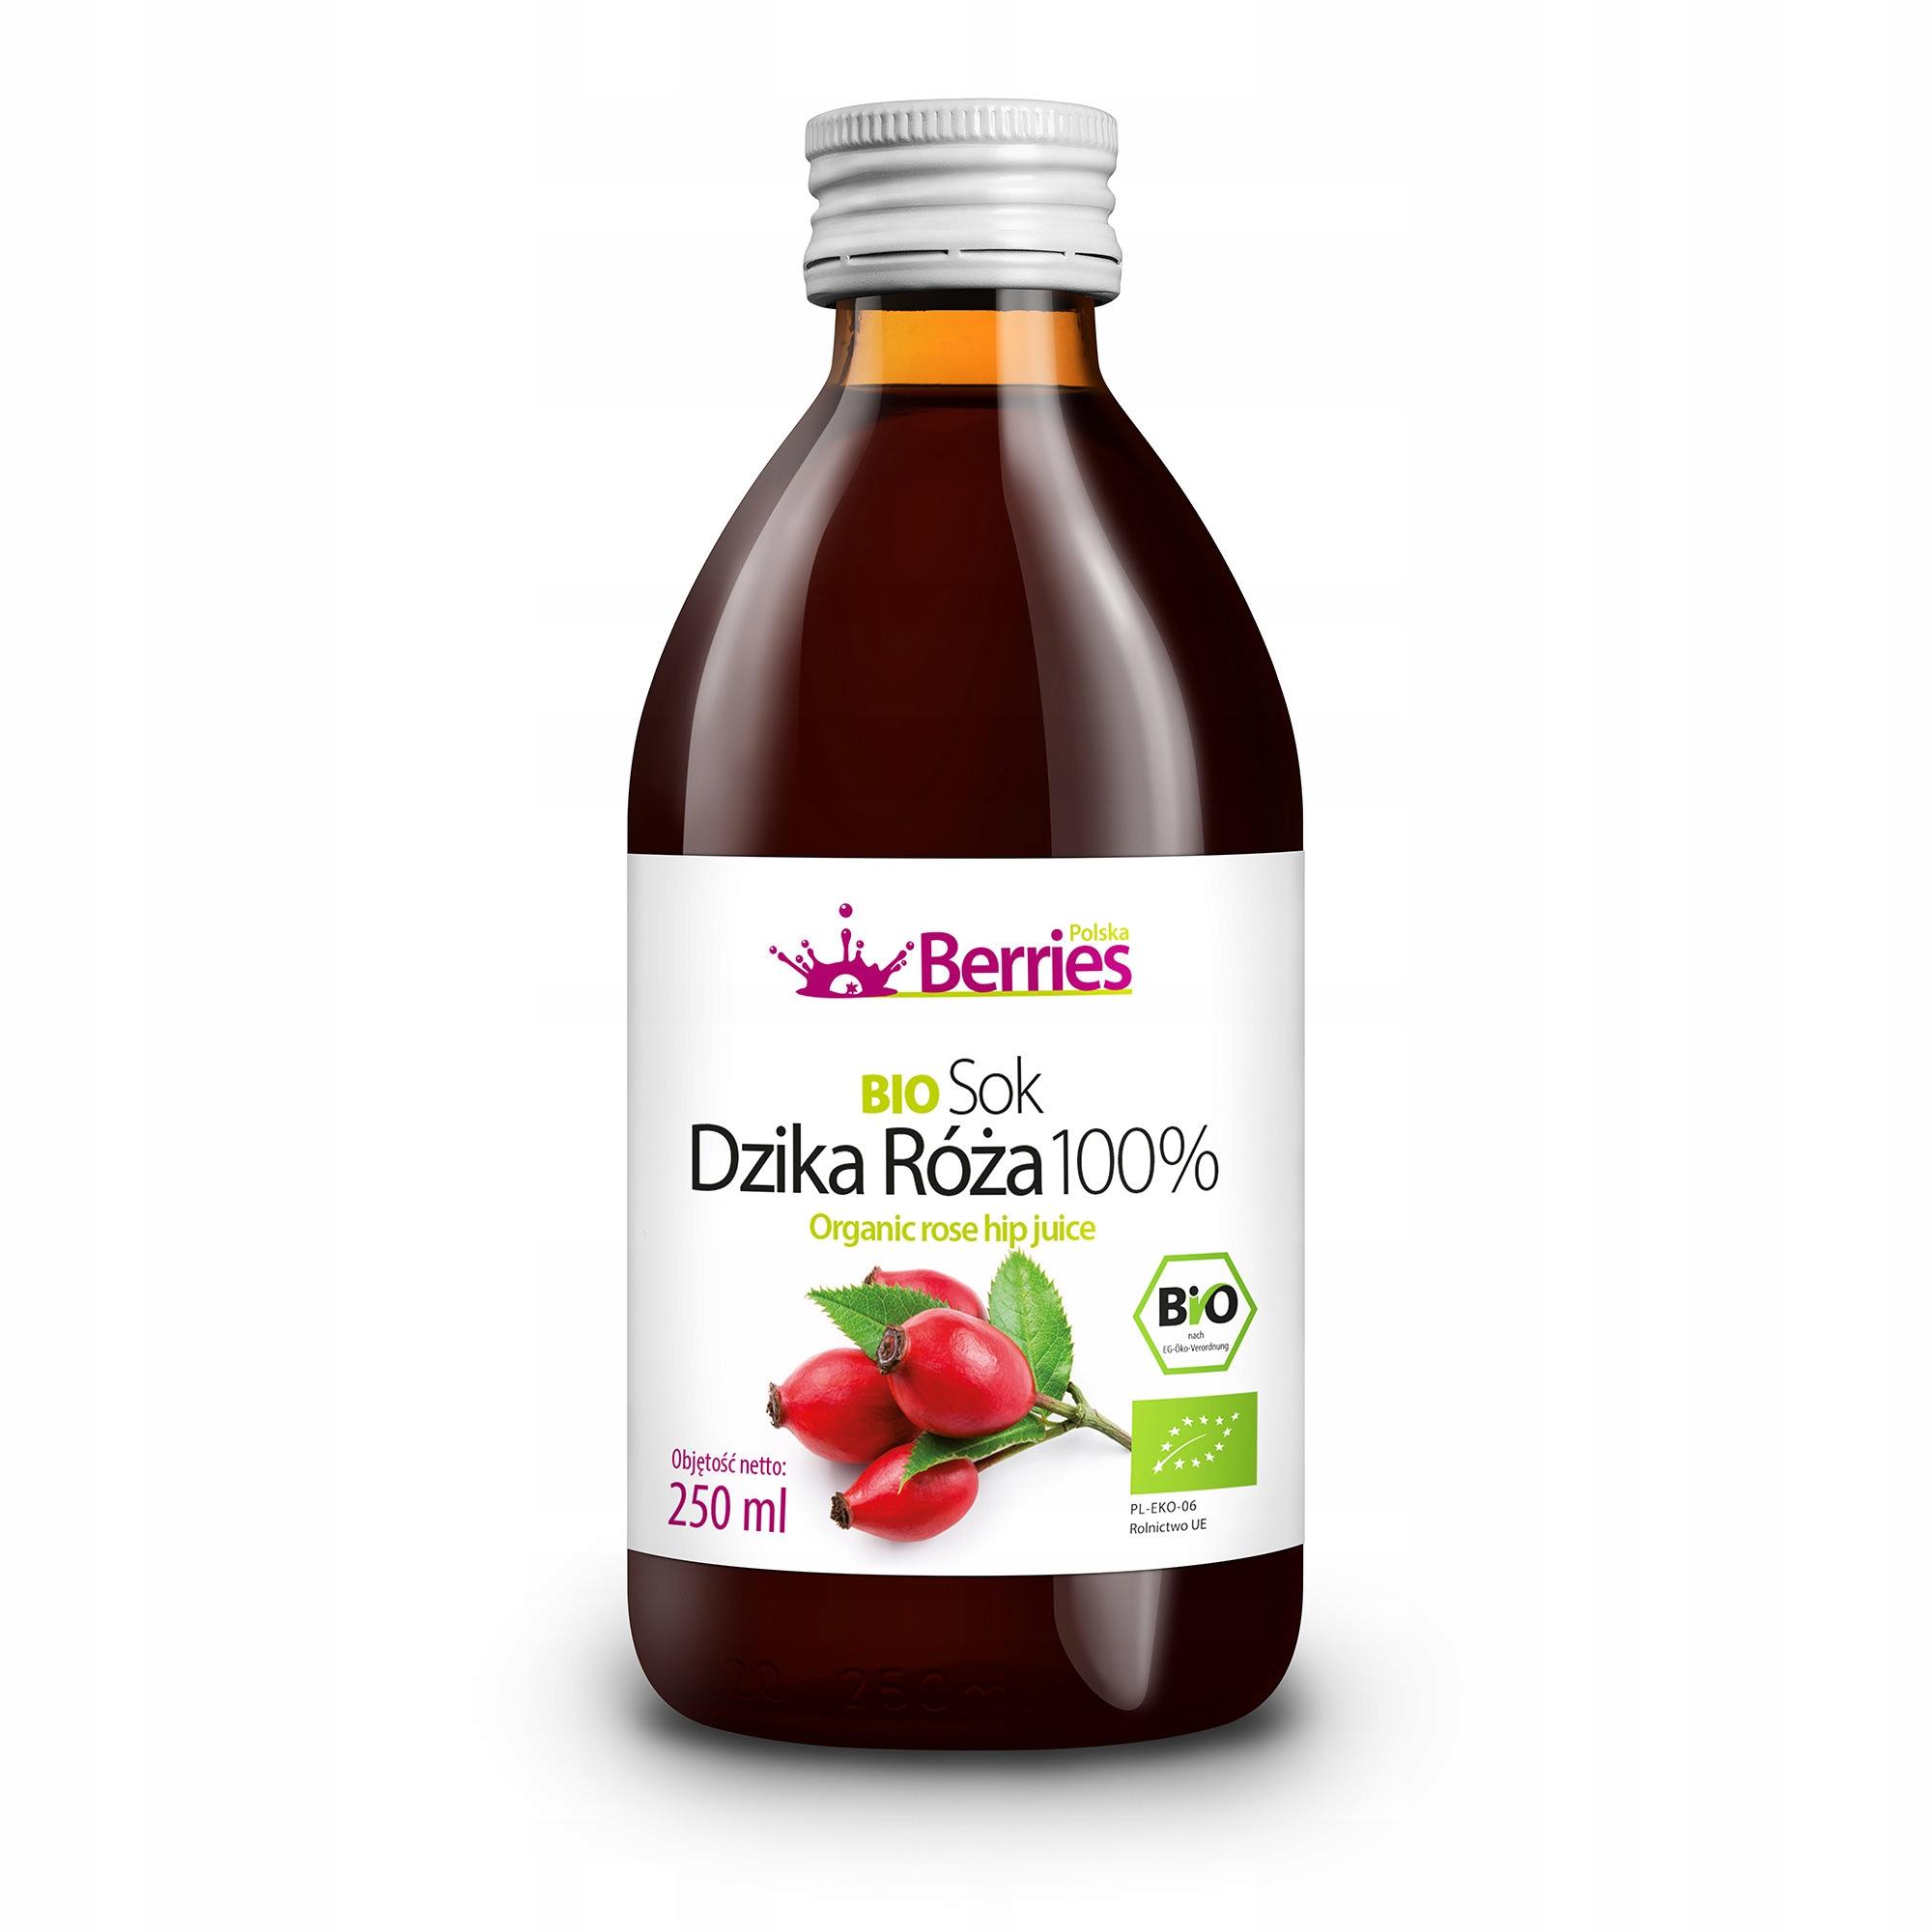 Sok BIO Dzika Róża 100% sok z dzikiej róży 250ml